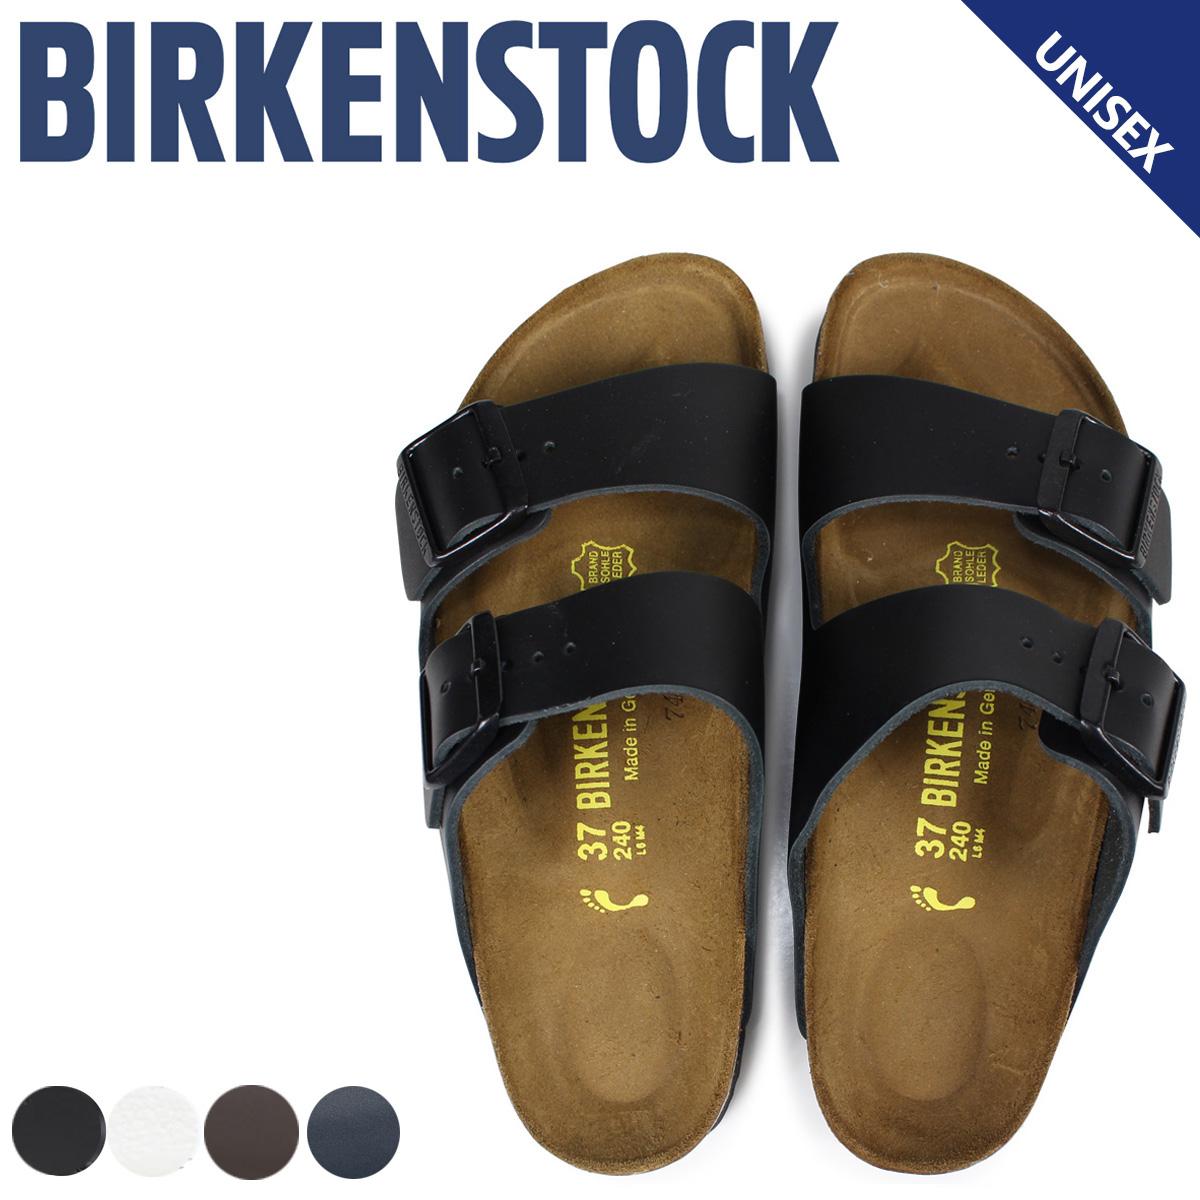 499e4ee00516  SOLD OUT  BIRKENSTOCK-Birkenstock Arizona vilken Sandals usually wide  ARIZONA NL mens